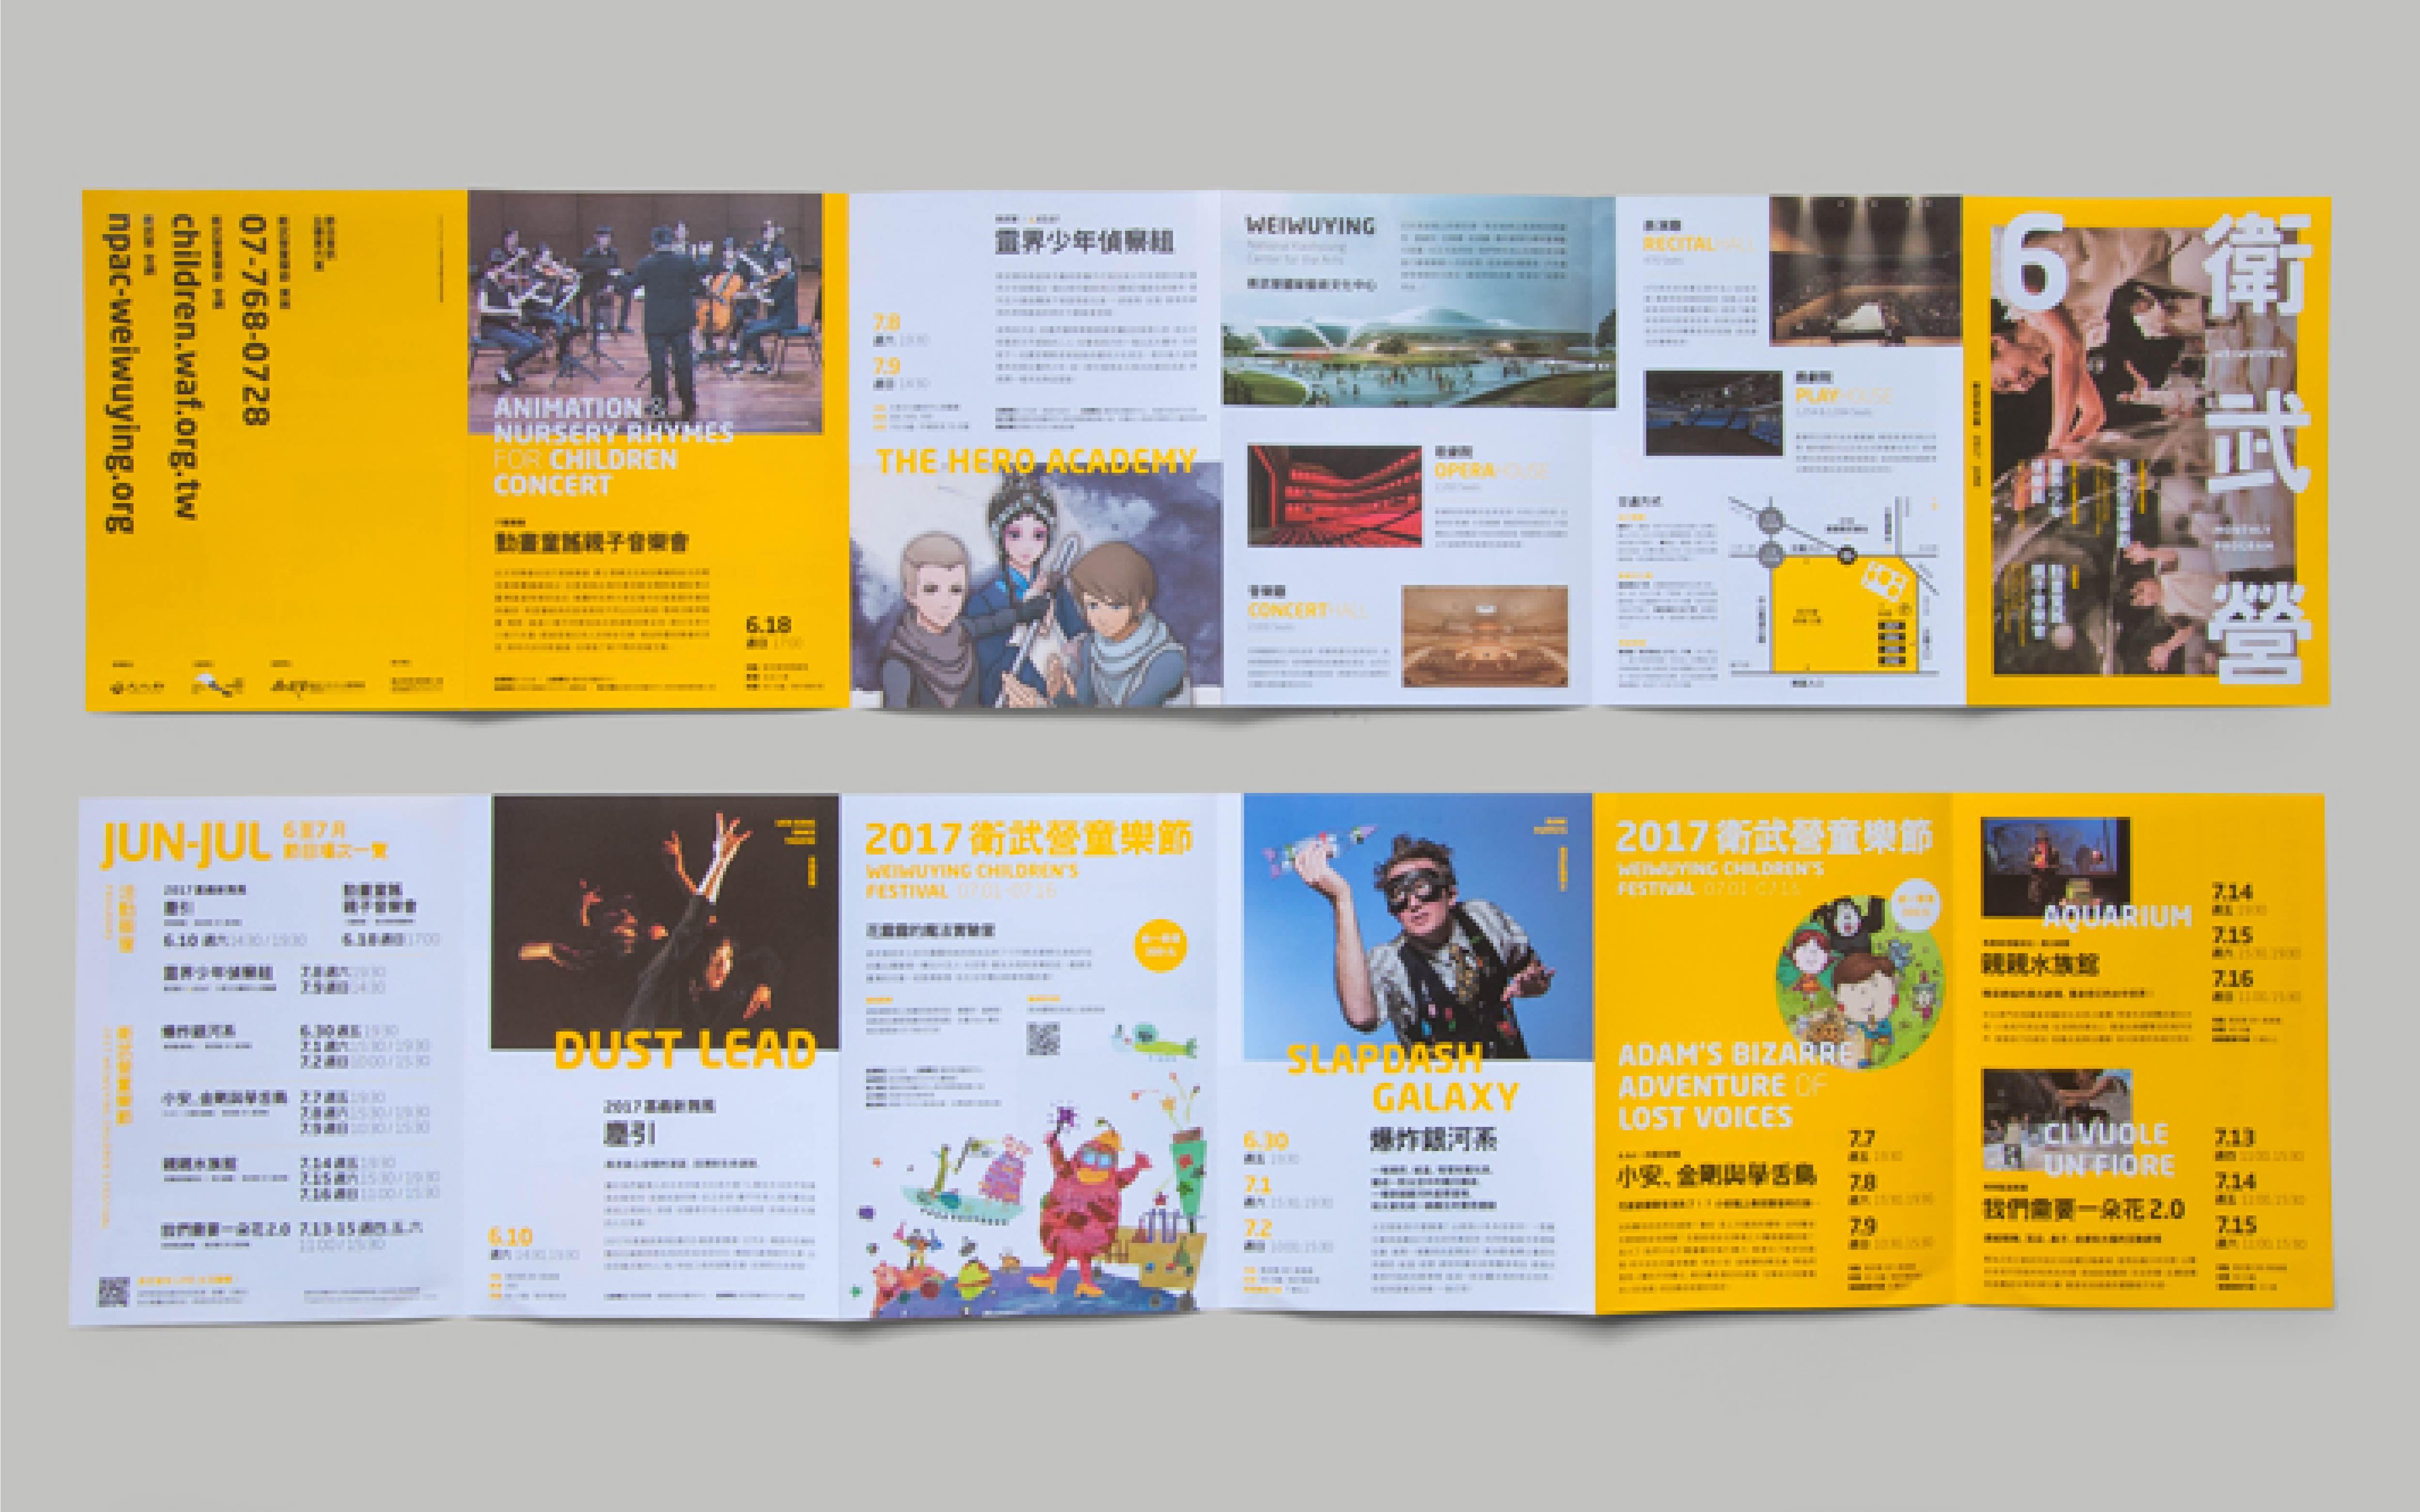 楼盘展示会展招商政府宣传教育培训业务演示商务合作宣传册设计